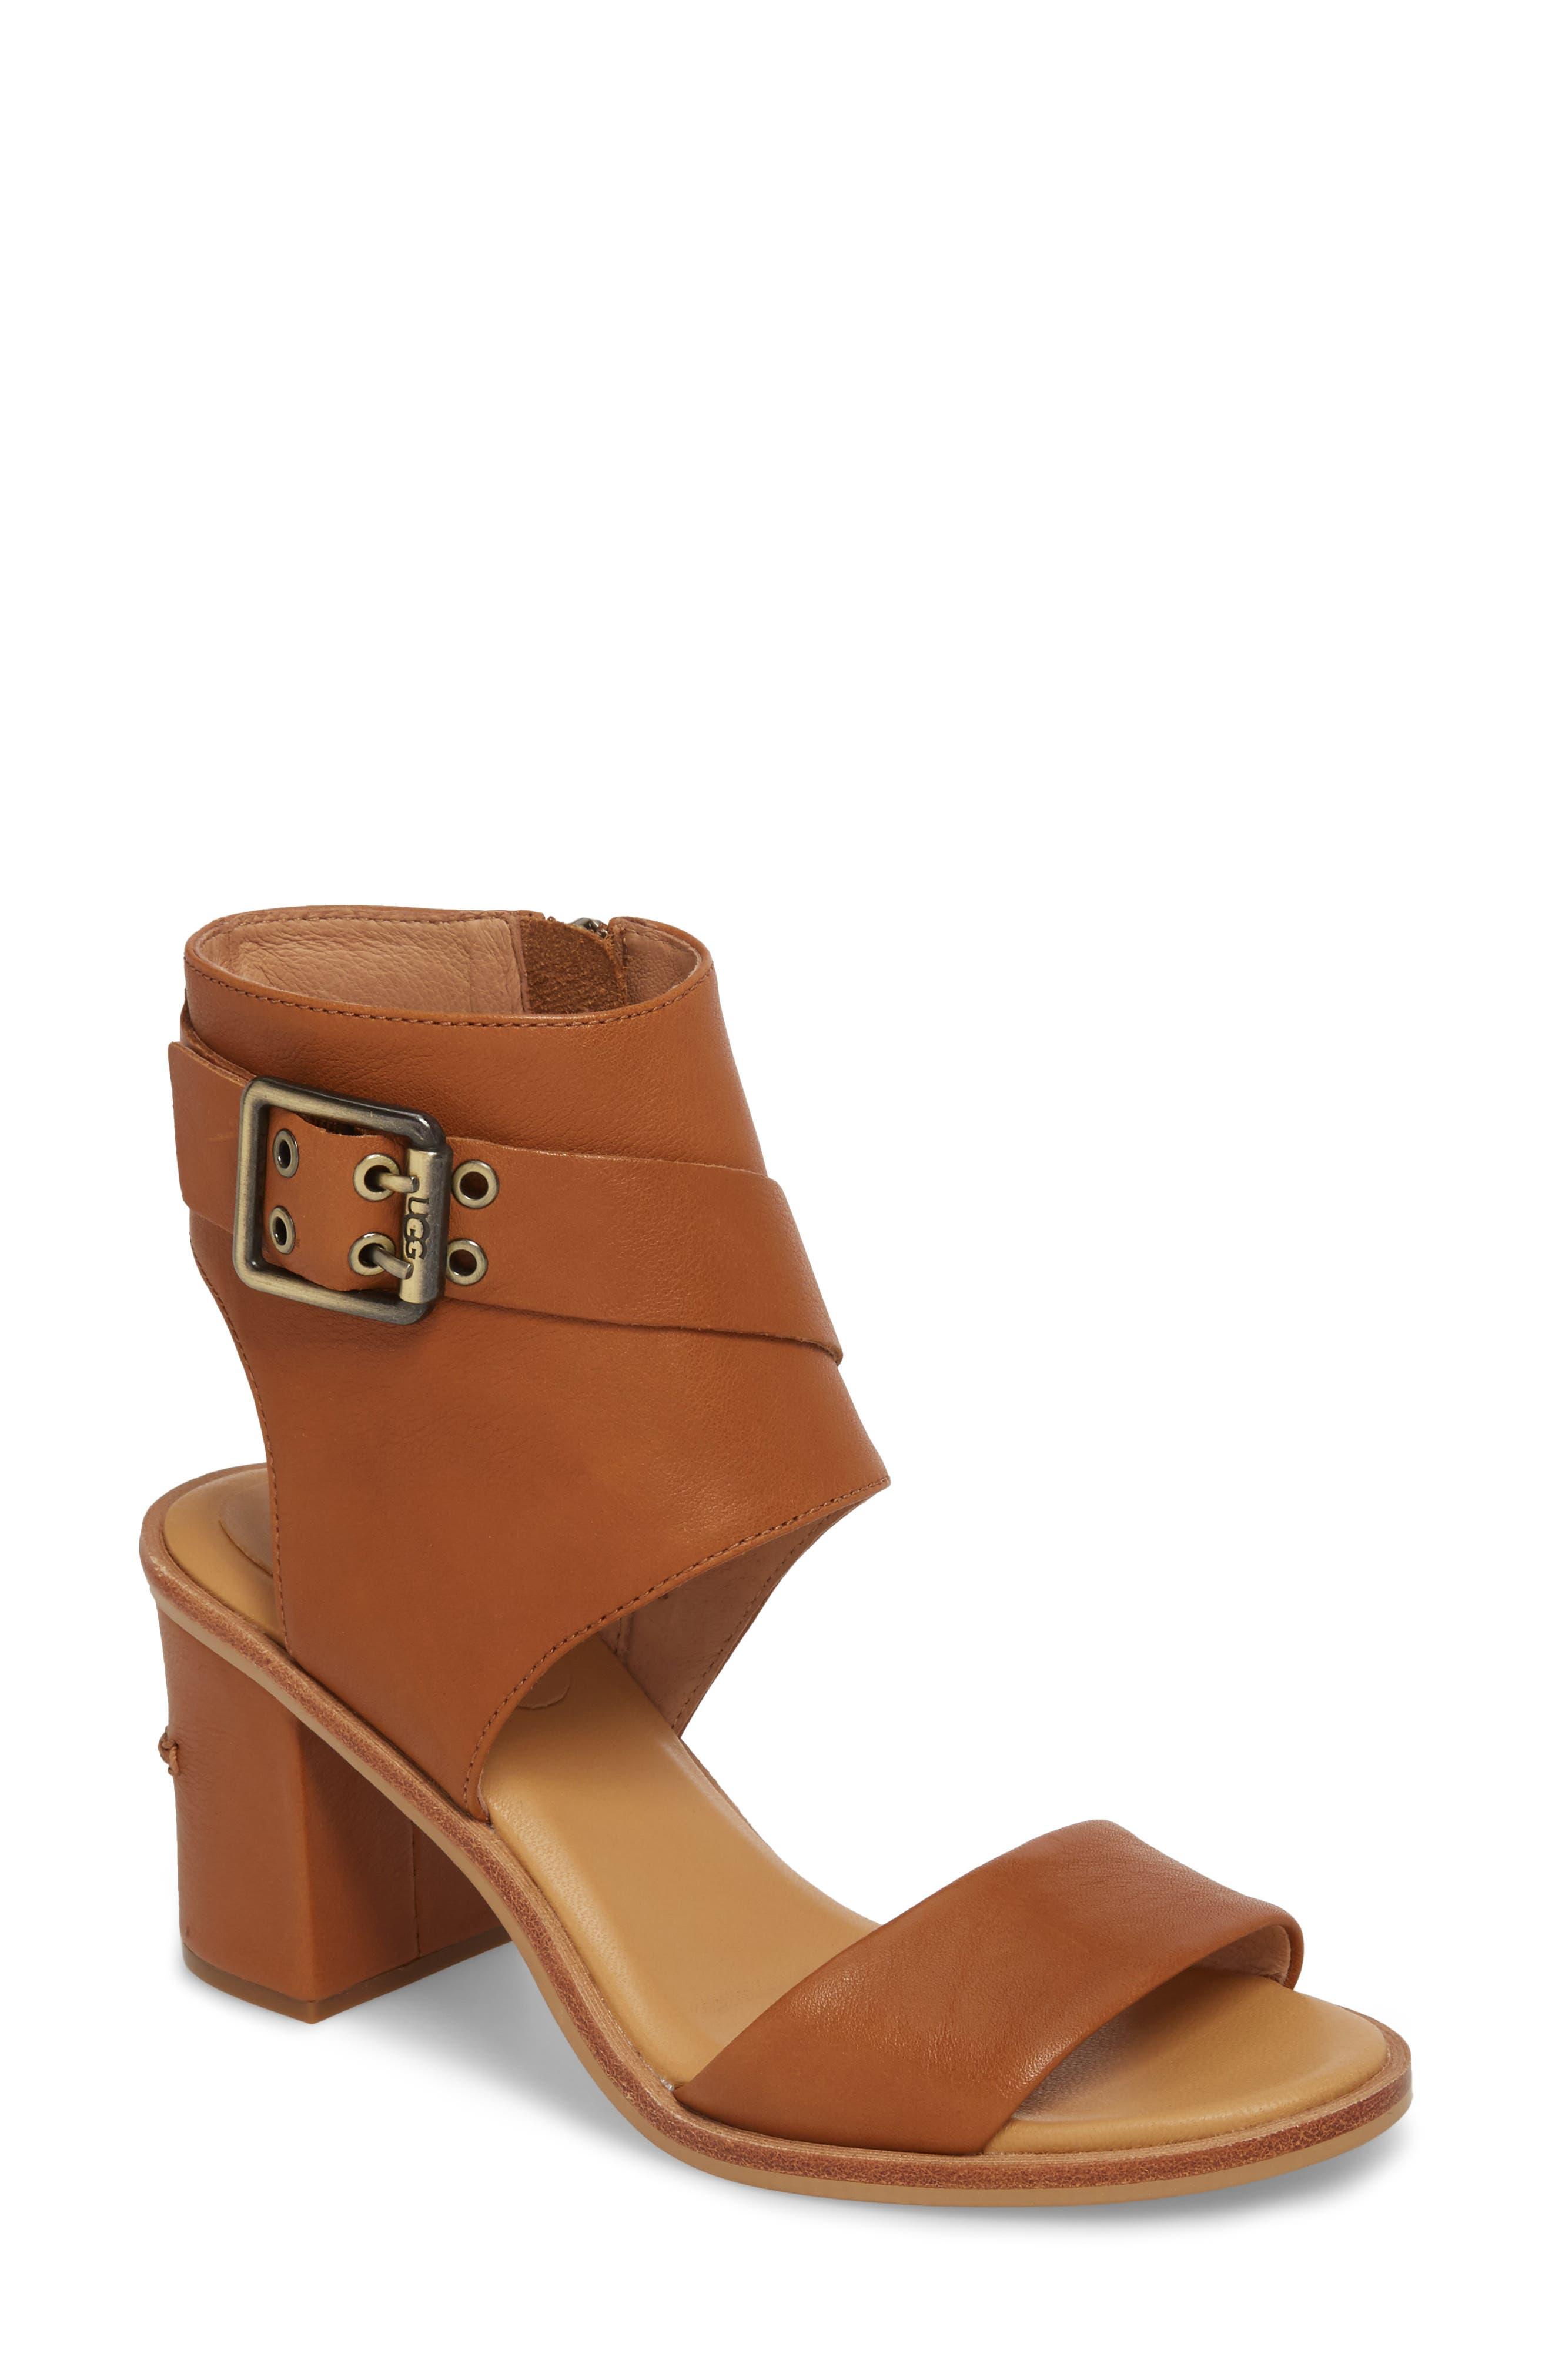 Claudette Cuff Sandal,                             Main thumbnail 1, color,                             Almond Leather